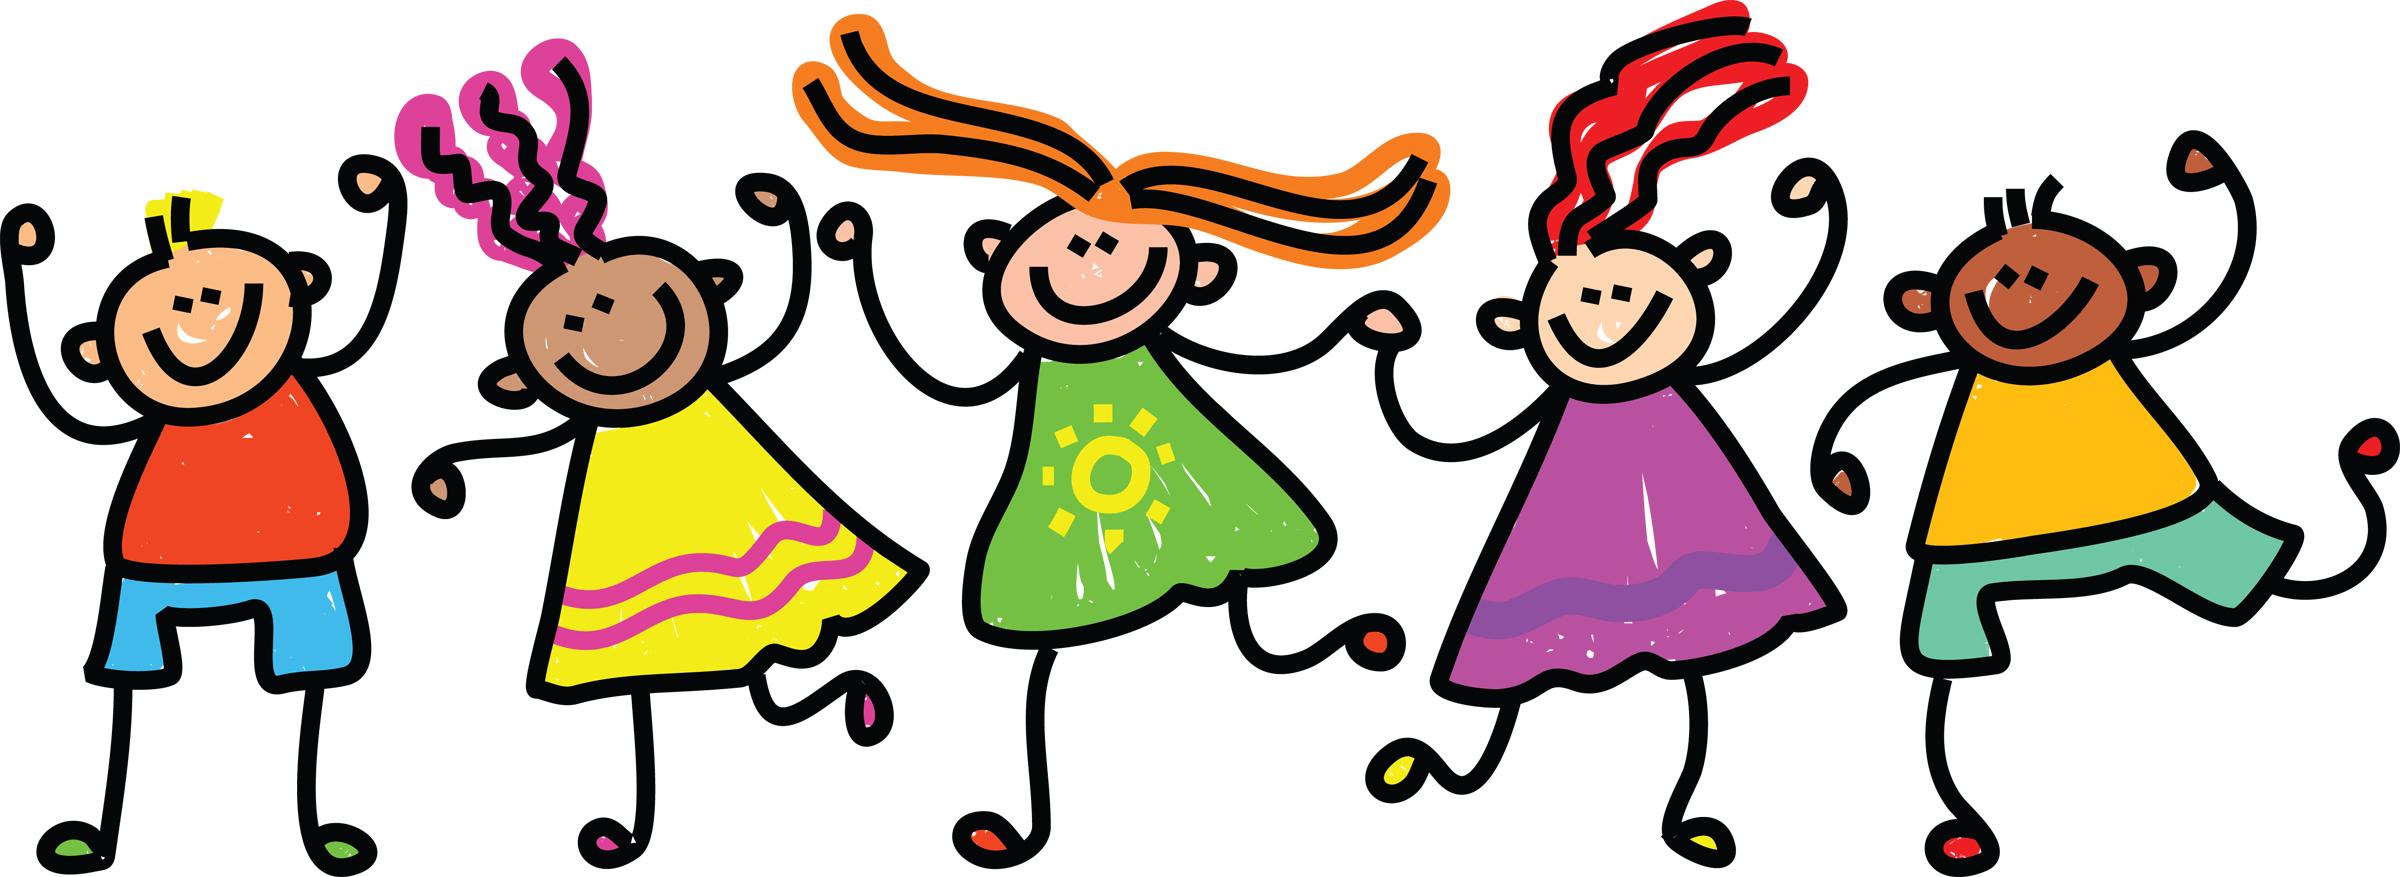 Kids dancing clipart 2